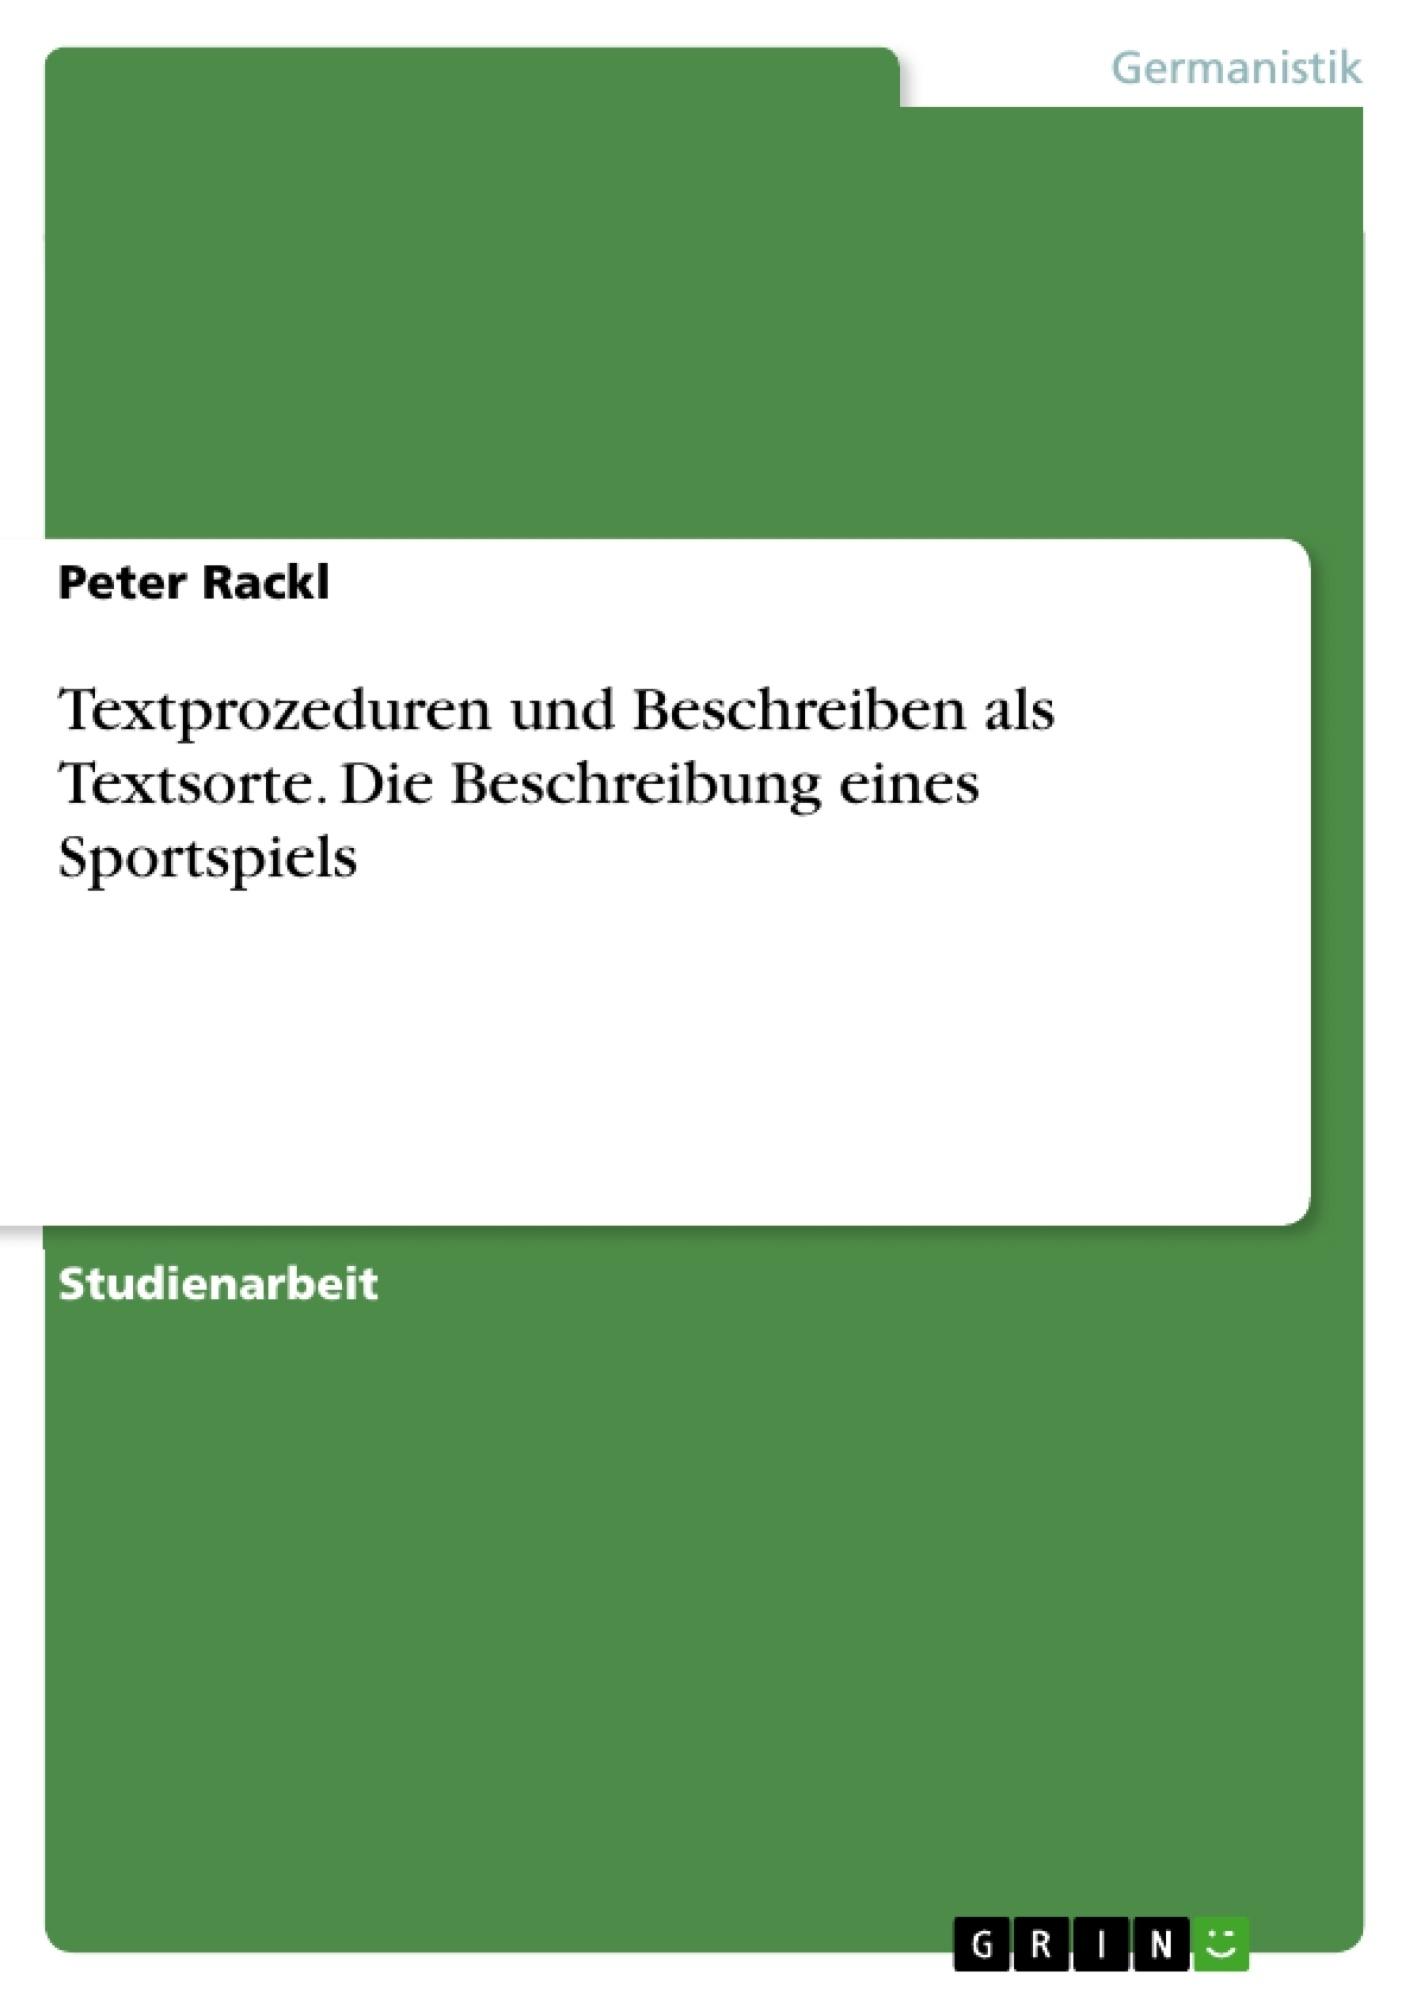 Titel: Textprozeduren und Beschreiben als Textsorte. Die Beschreibung eines Sportspiels